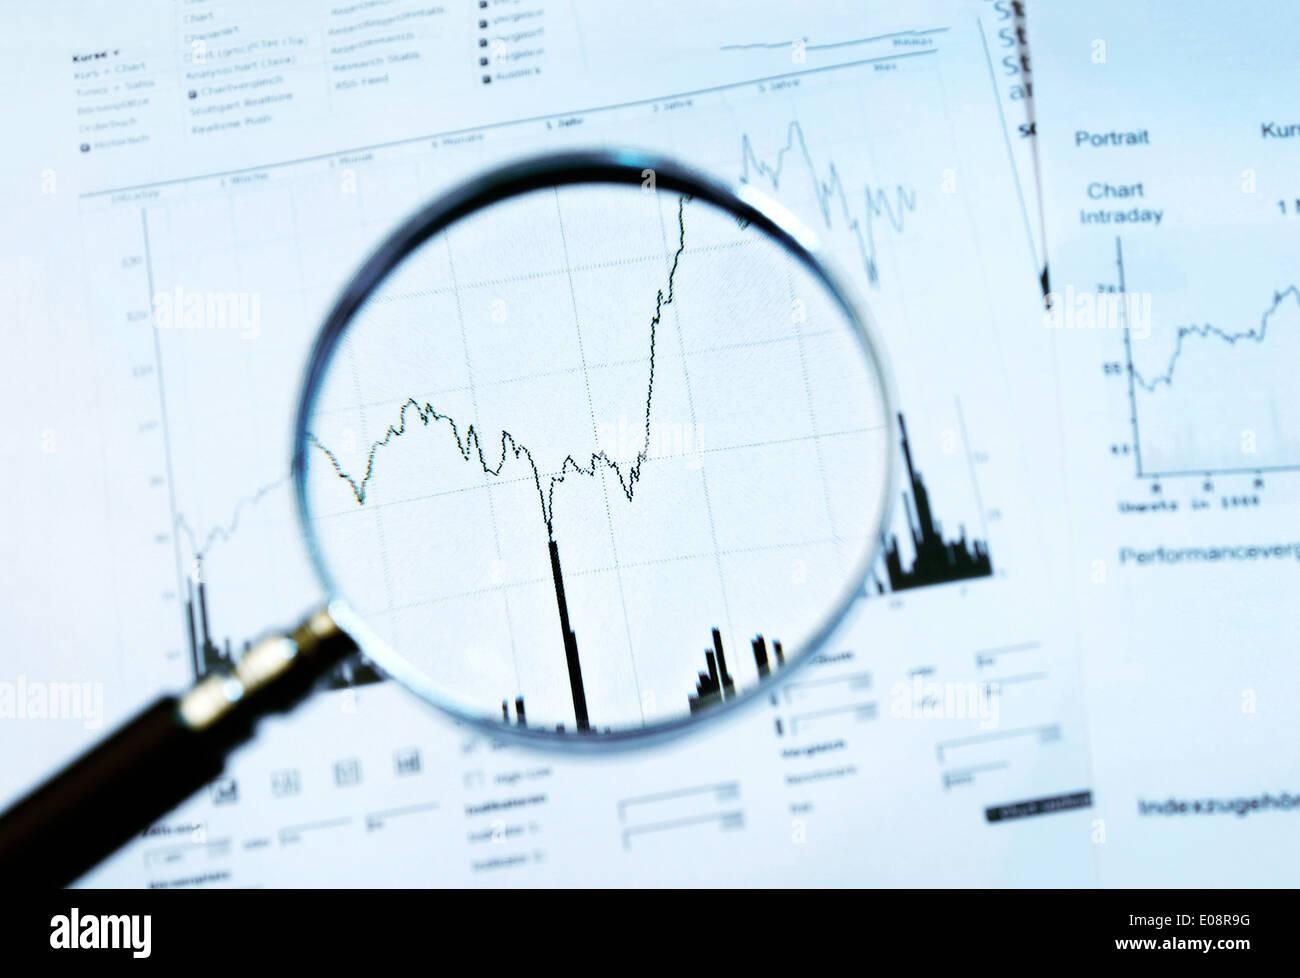 Aplicar la lupa un gráfico con el precio de las acciones Foto de stock